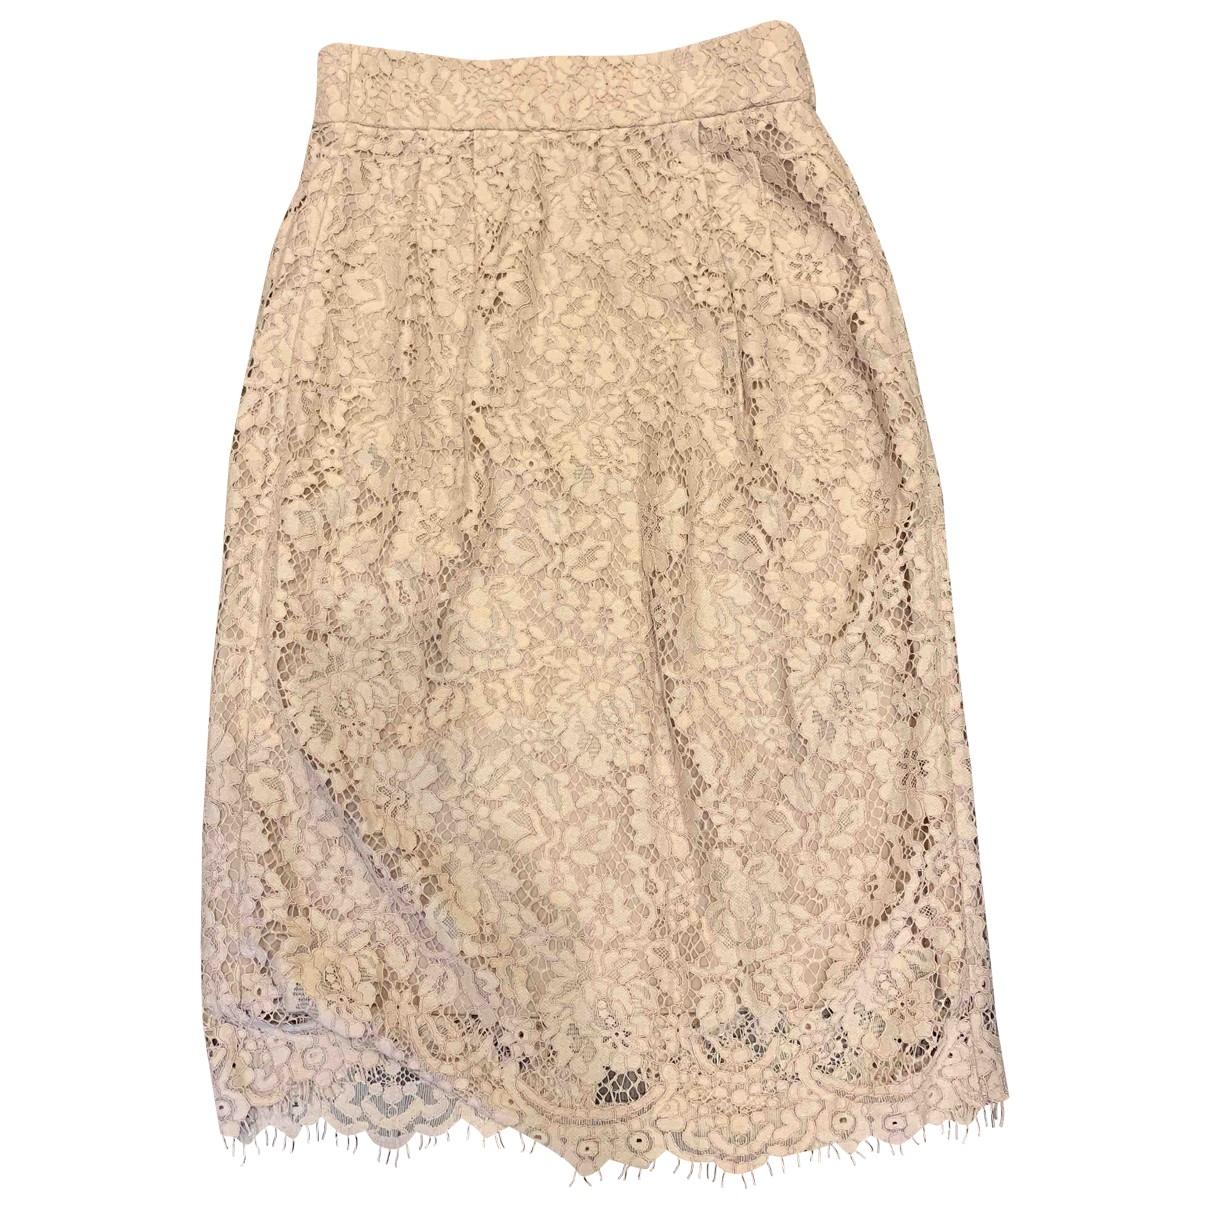 J.crew \N Beige skirt for Women 00 0-5